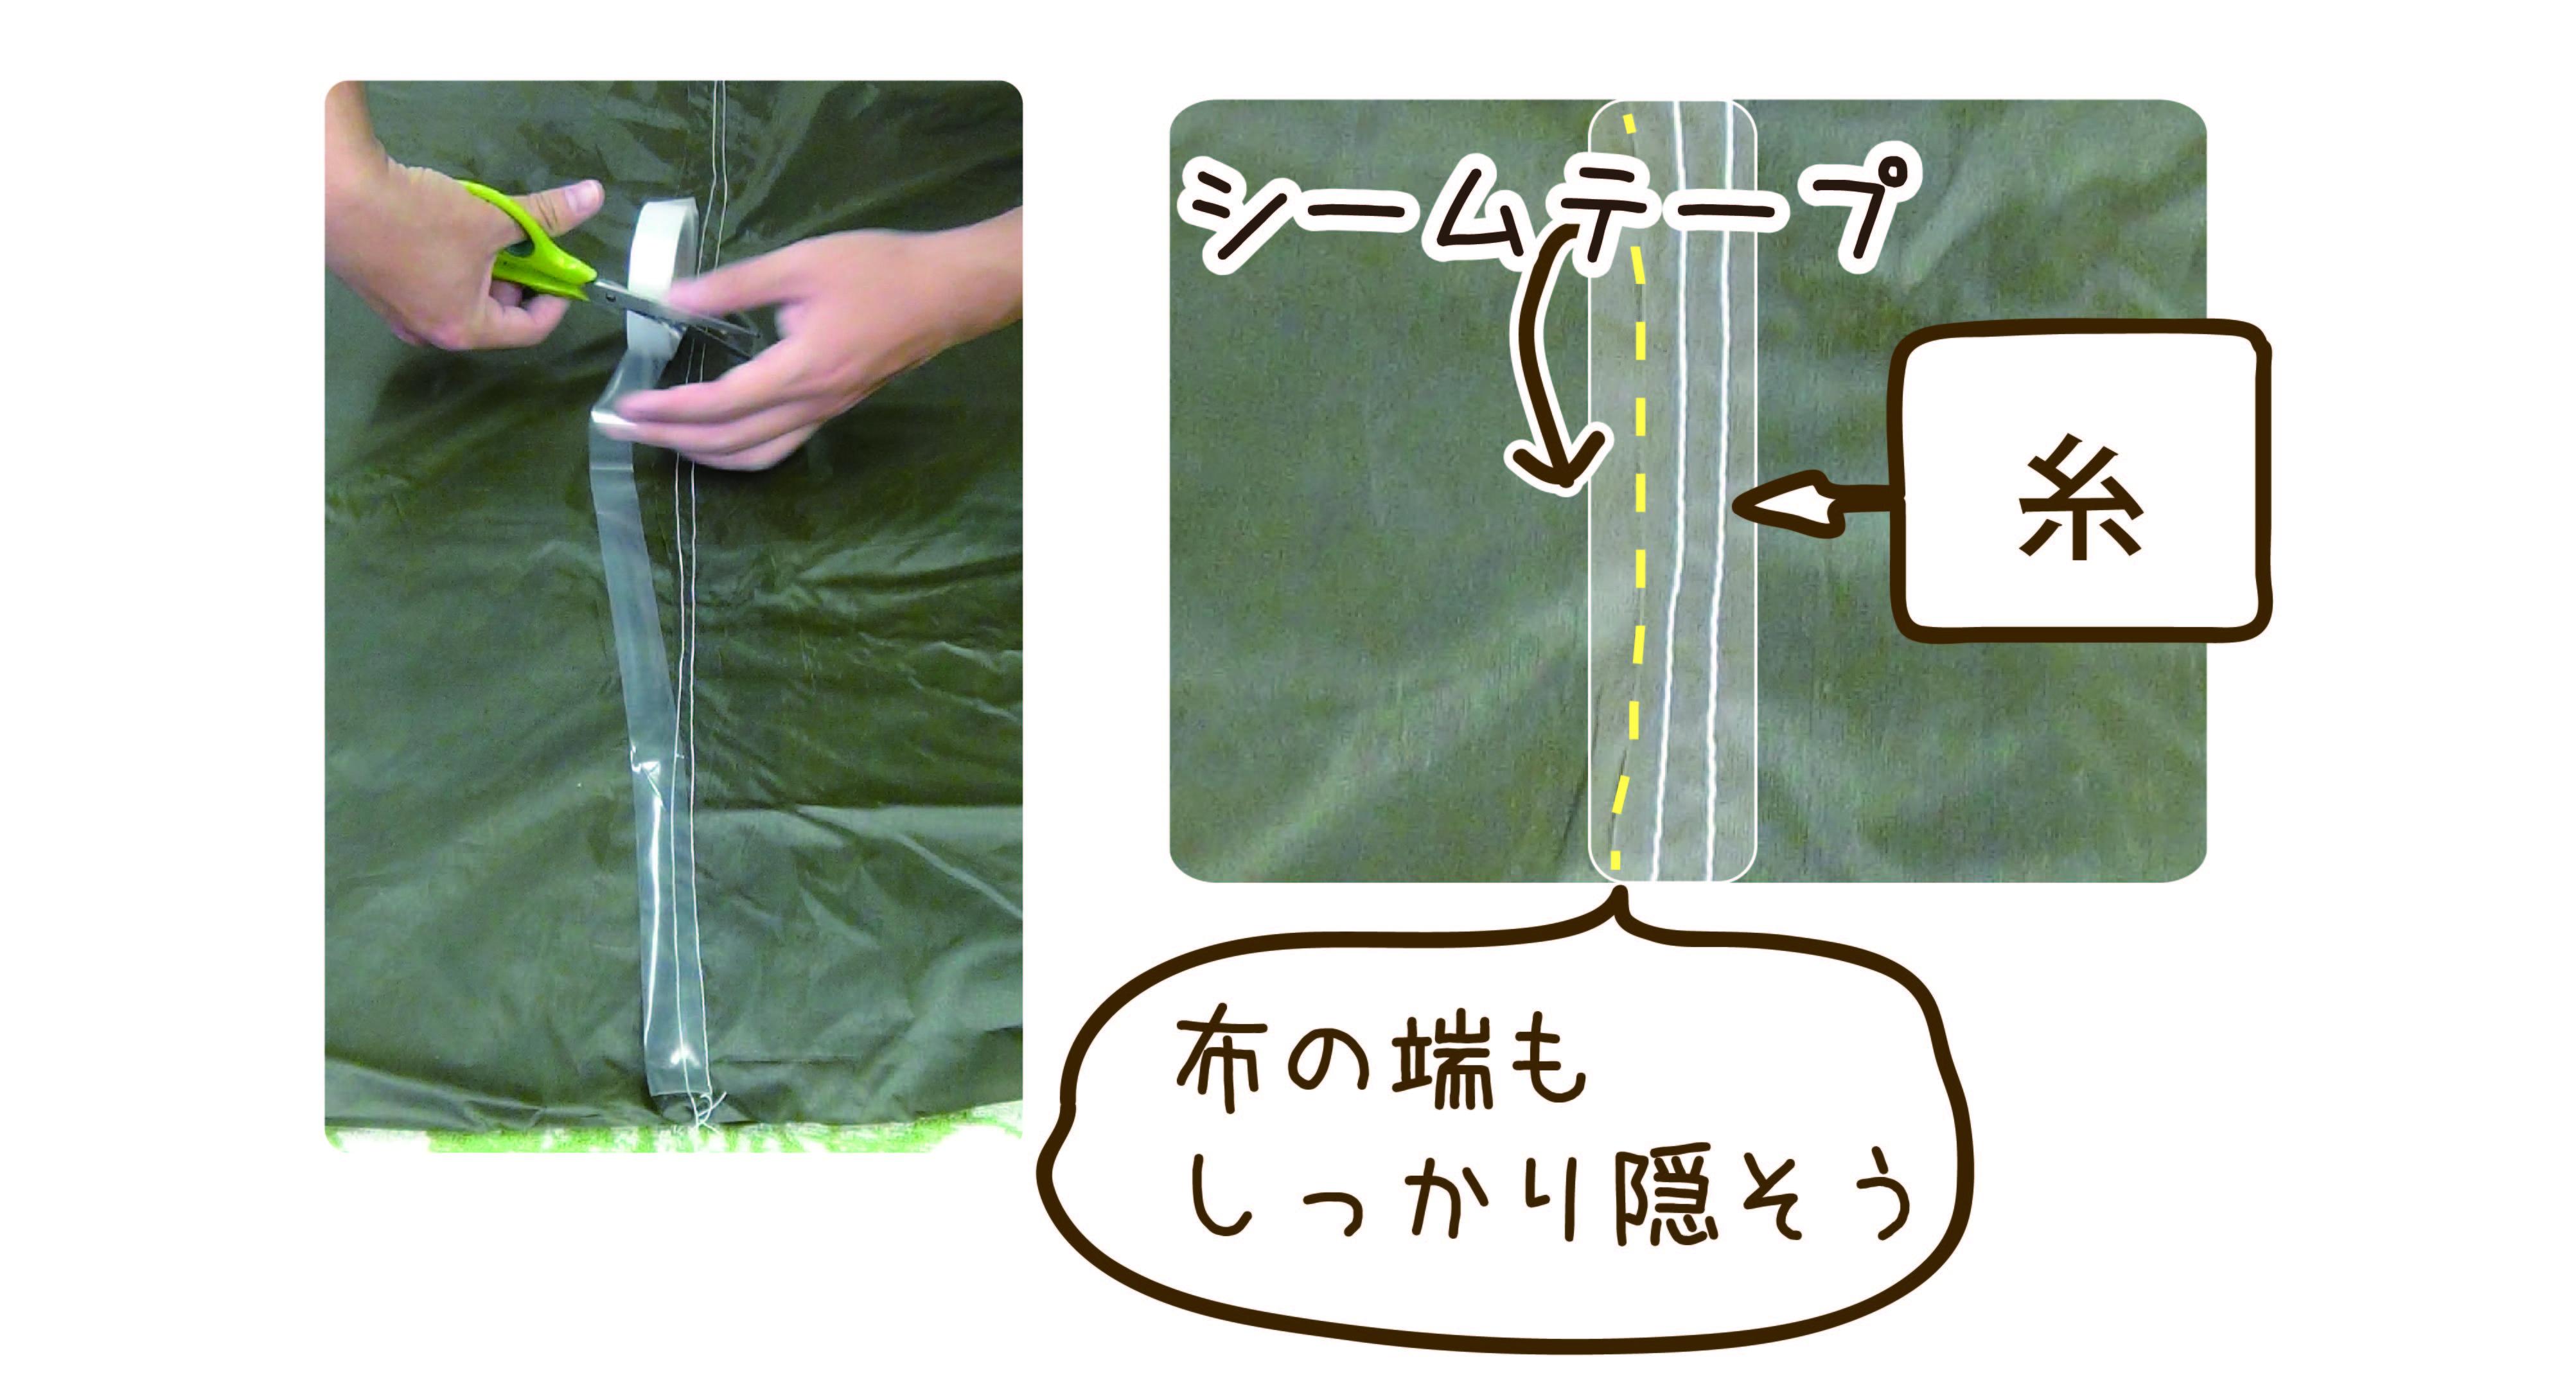 #001テントのメンテナンスーシームテープを使った補修方法-04